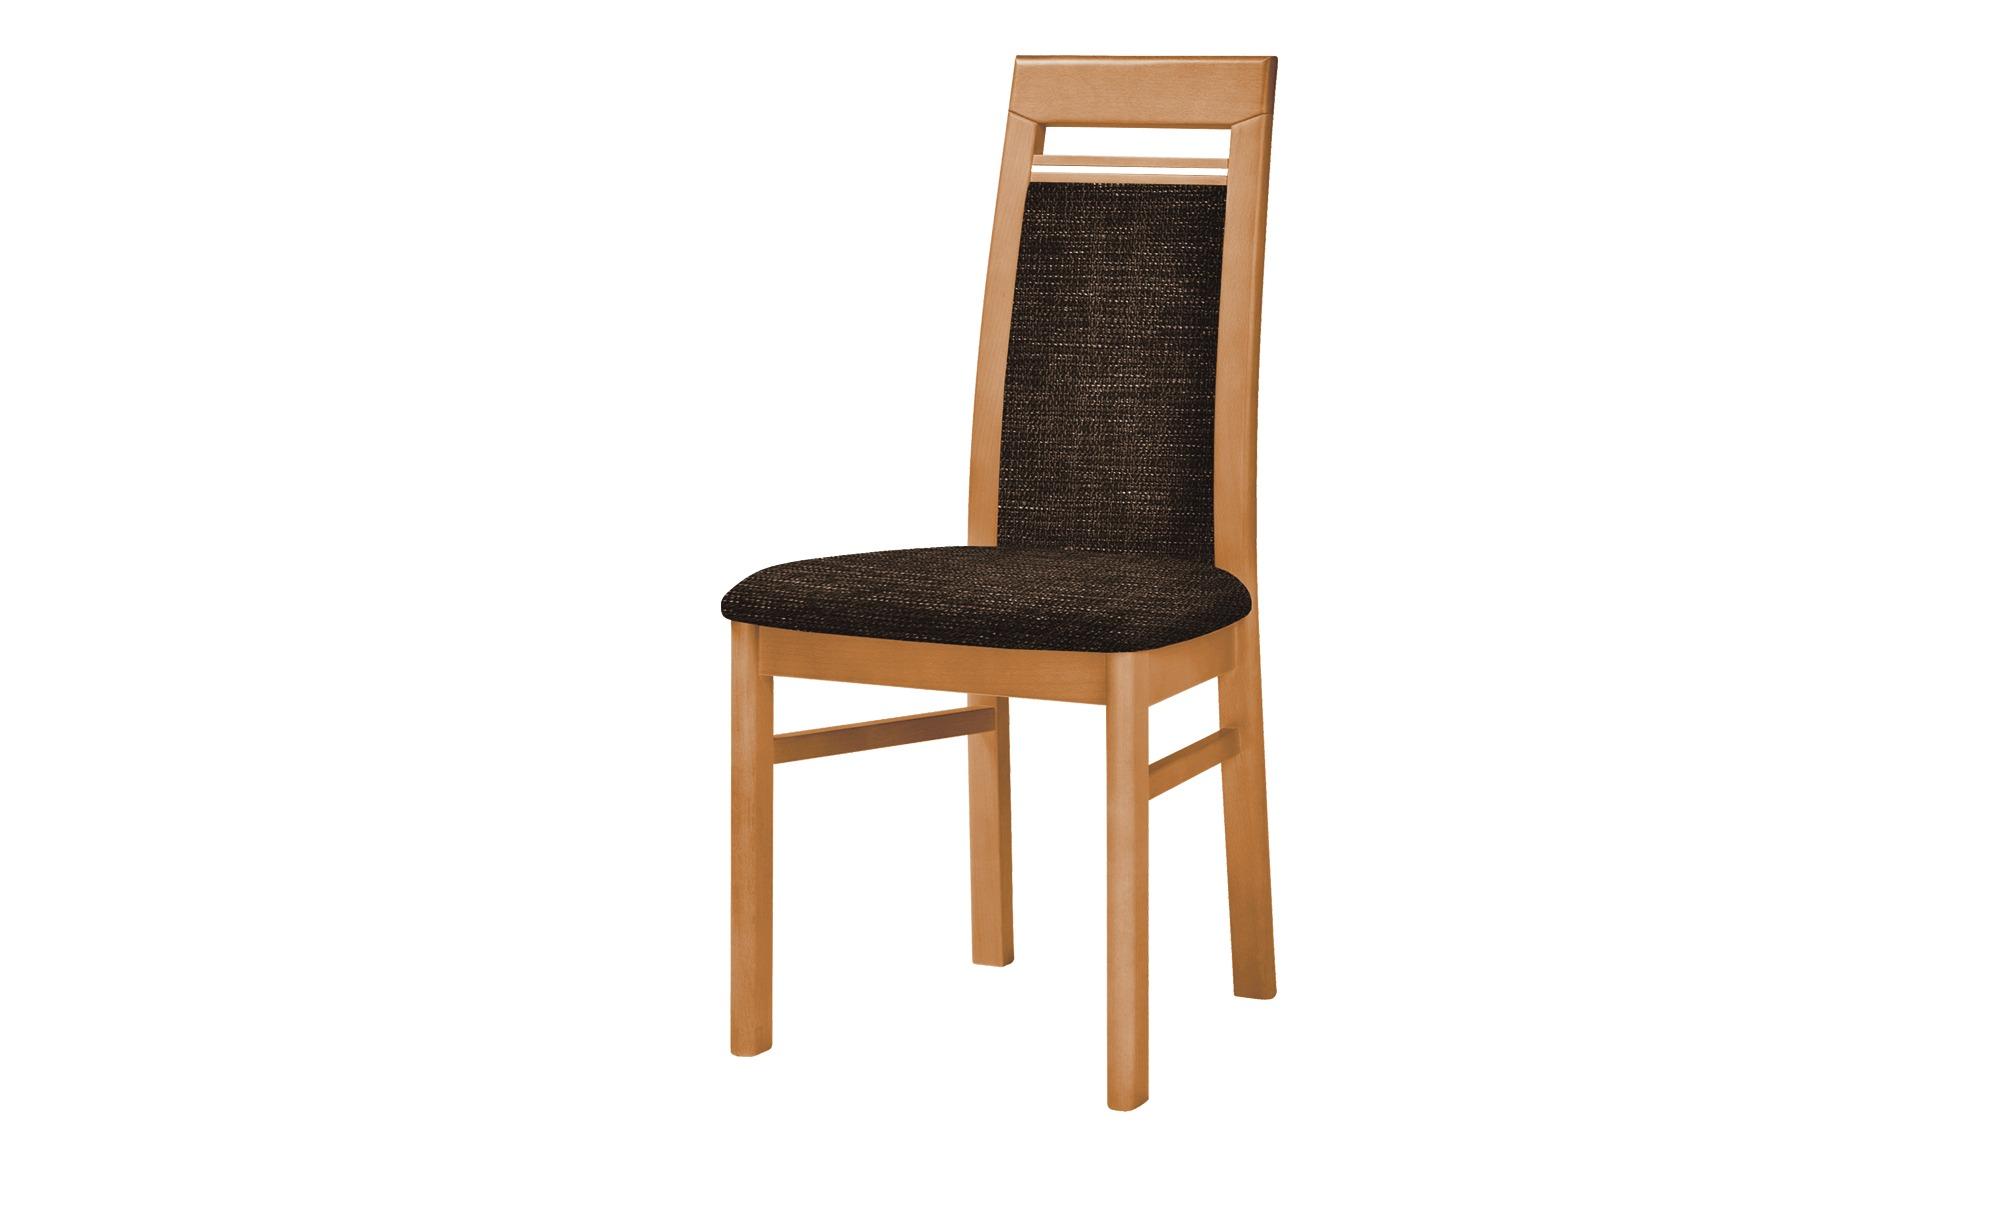 Stuhl  Cristal ¦ braun ¦ Maße (cm): B: 48 H: 99 T: 56 Stühle > Polsterstühle - Höffner | Küche und Esszimmer > Stühle und Hocker > Polsterstühle | Möbel Höffner DE